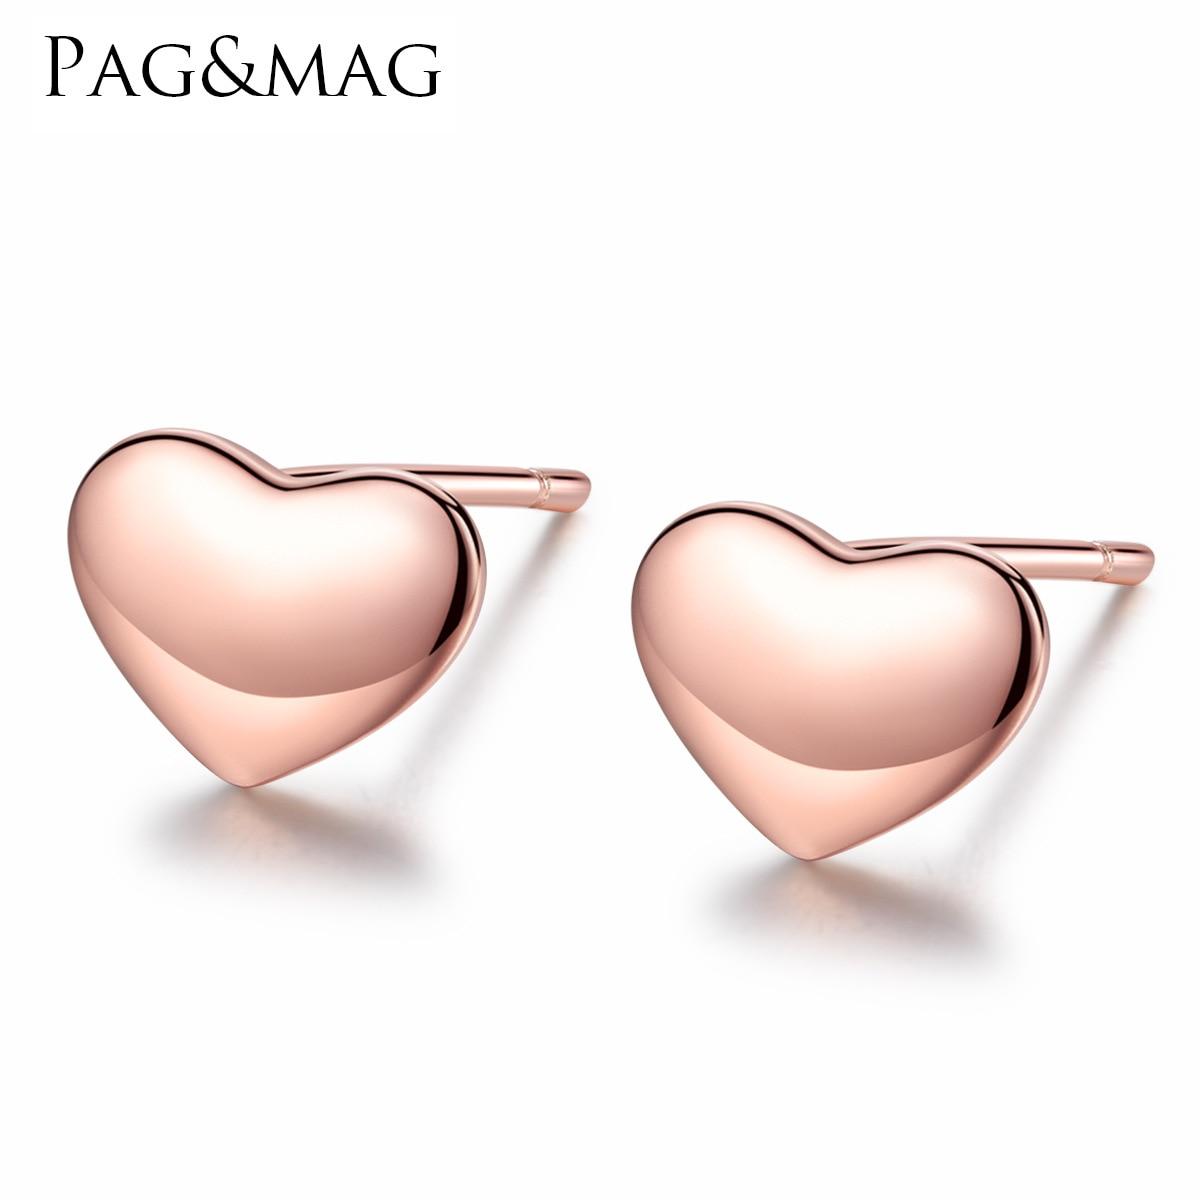 PAG-MAG simple amour-type oreille ongles femmes cent mis en place S925 pur argent galvanoplastie or rose boucles d'oreilles